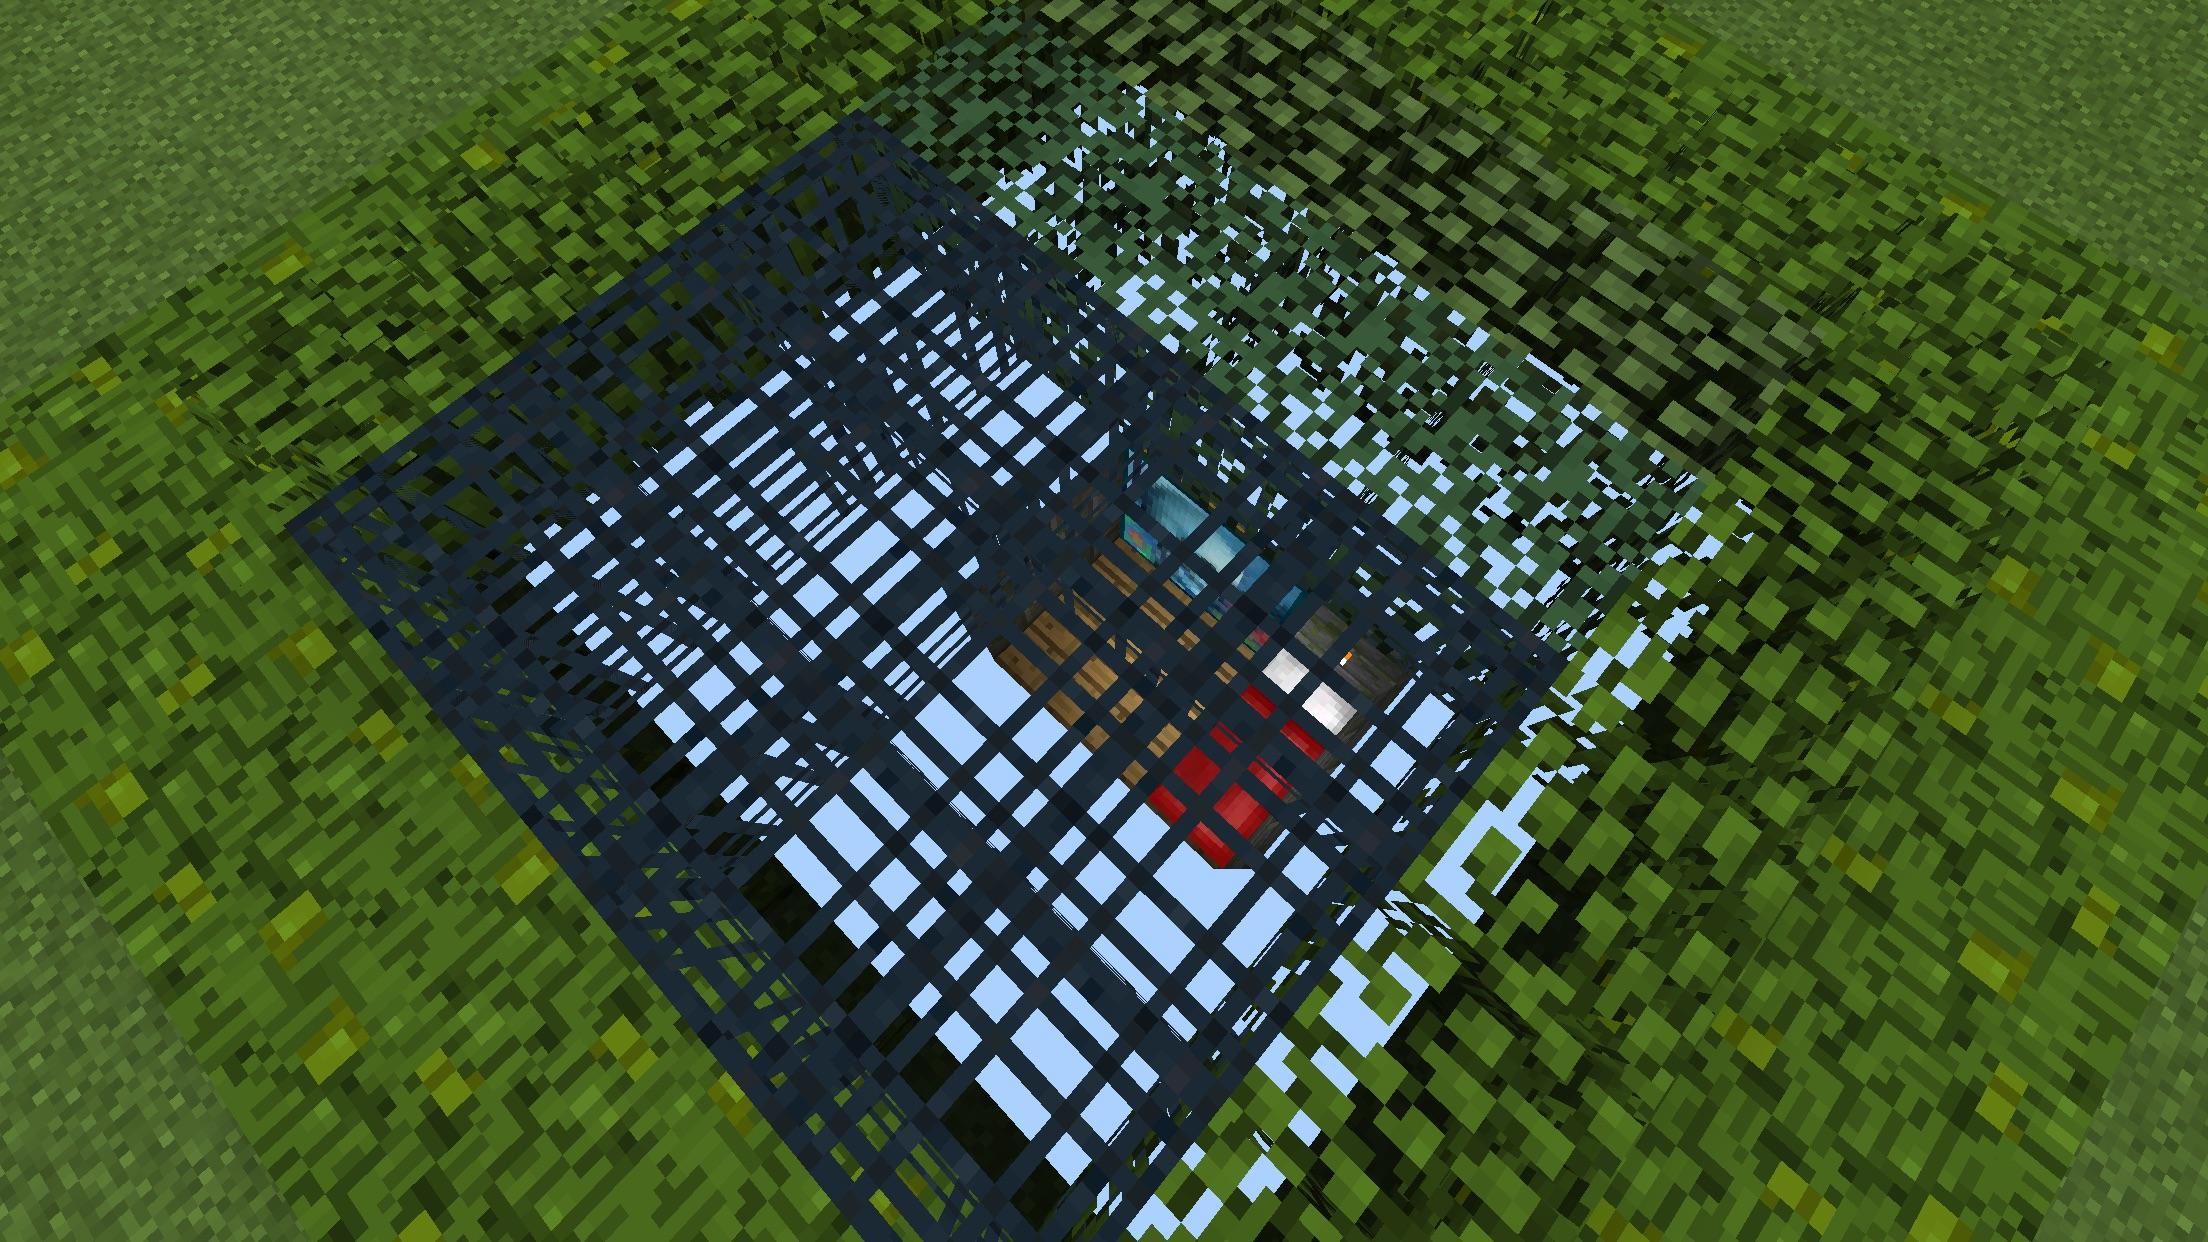 MCPE-9] jungle leaves x-ray bug - Jira